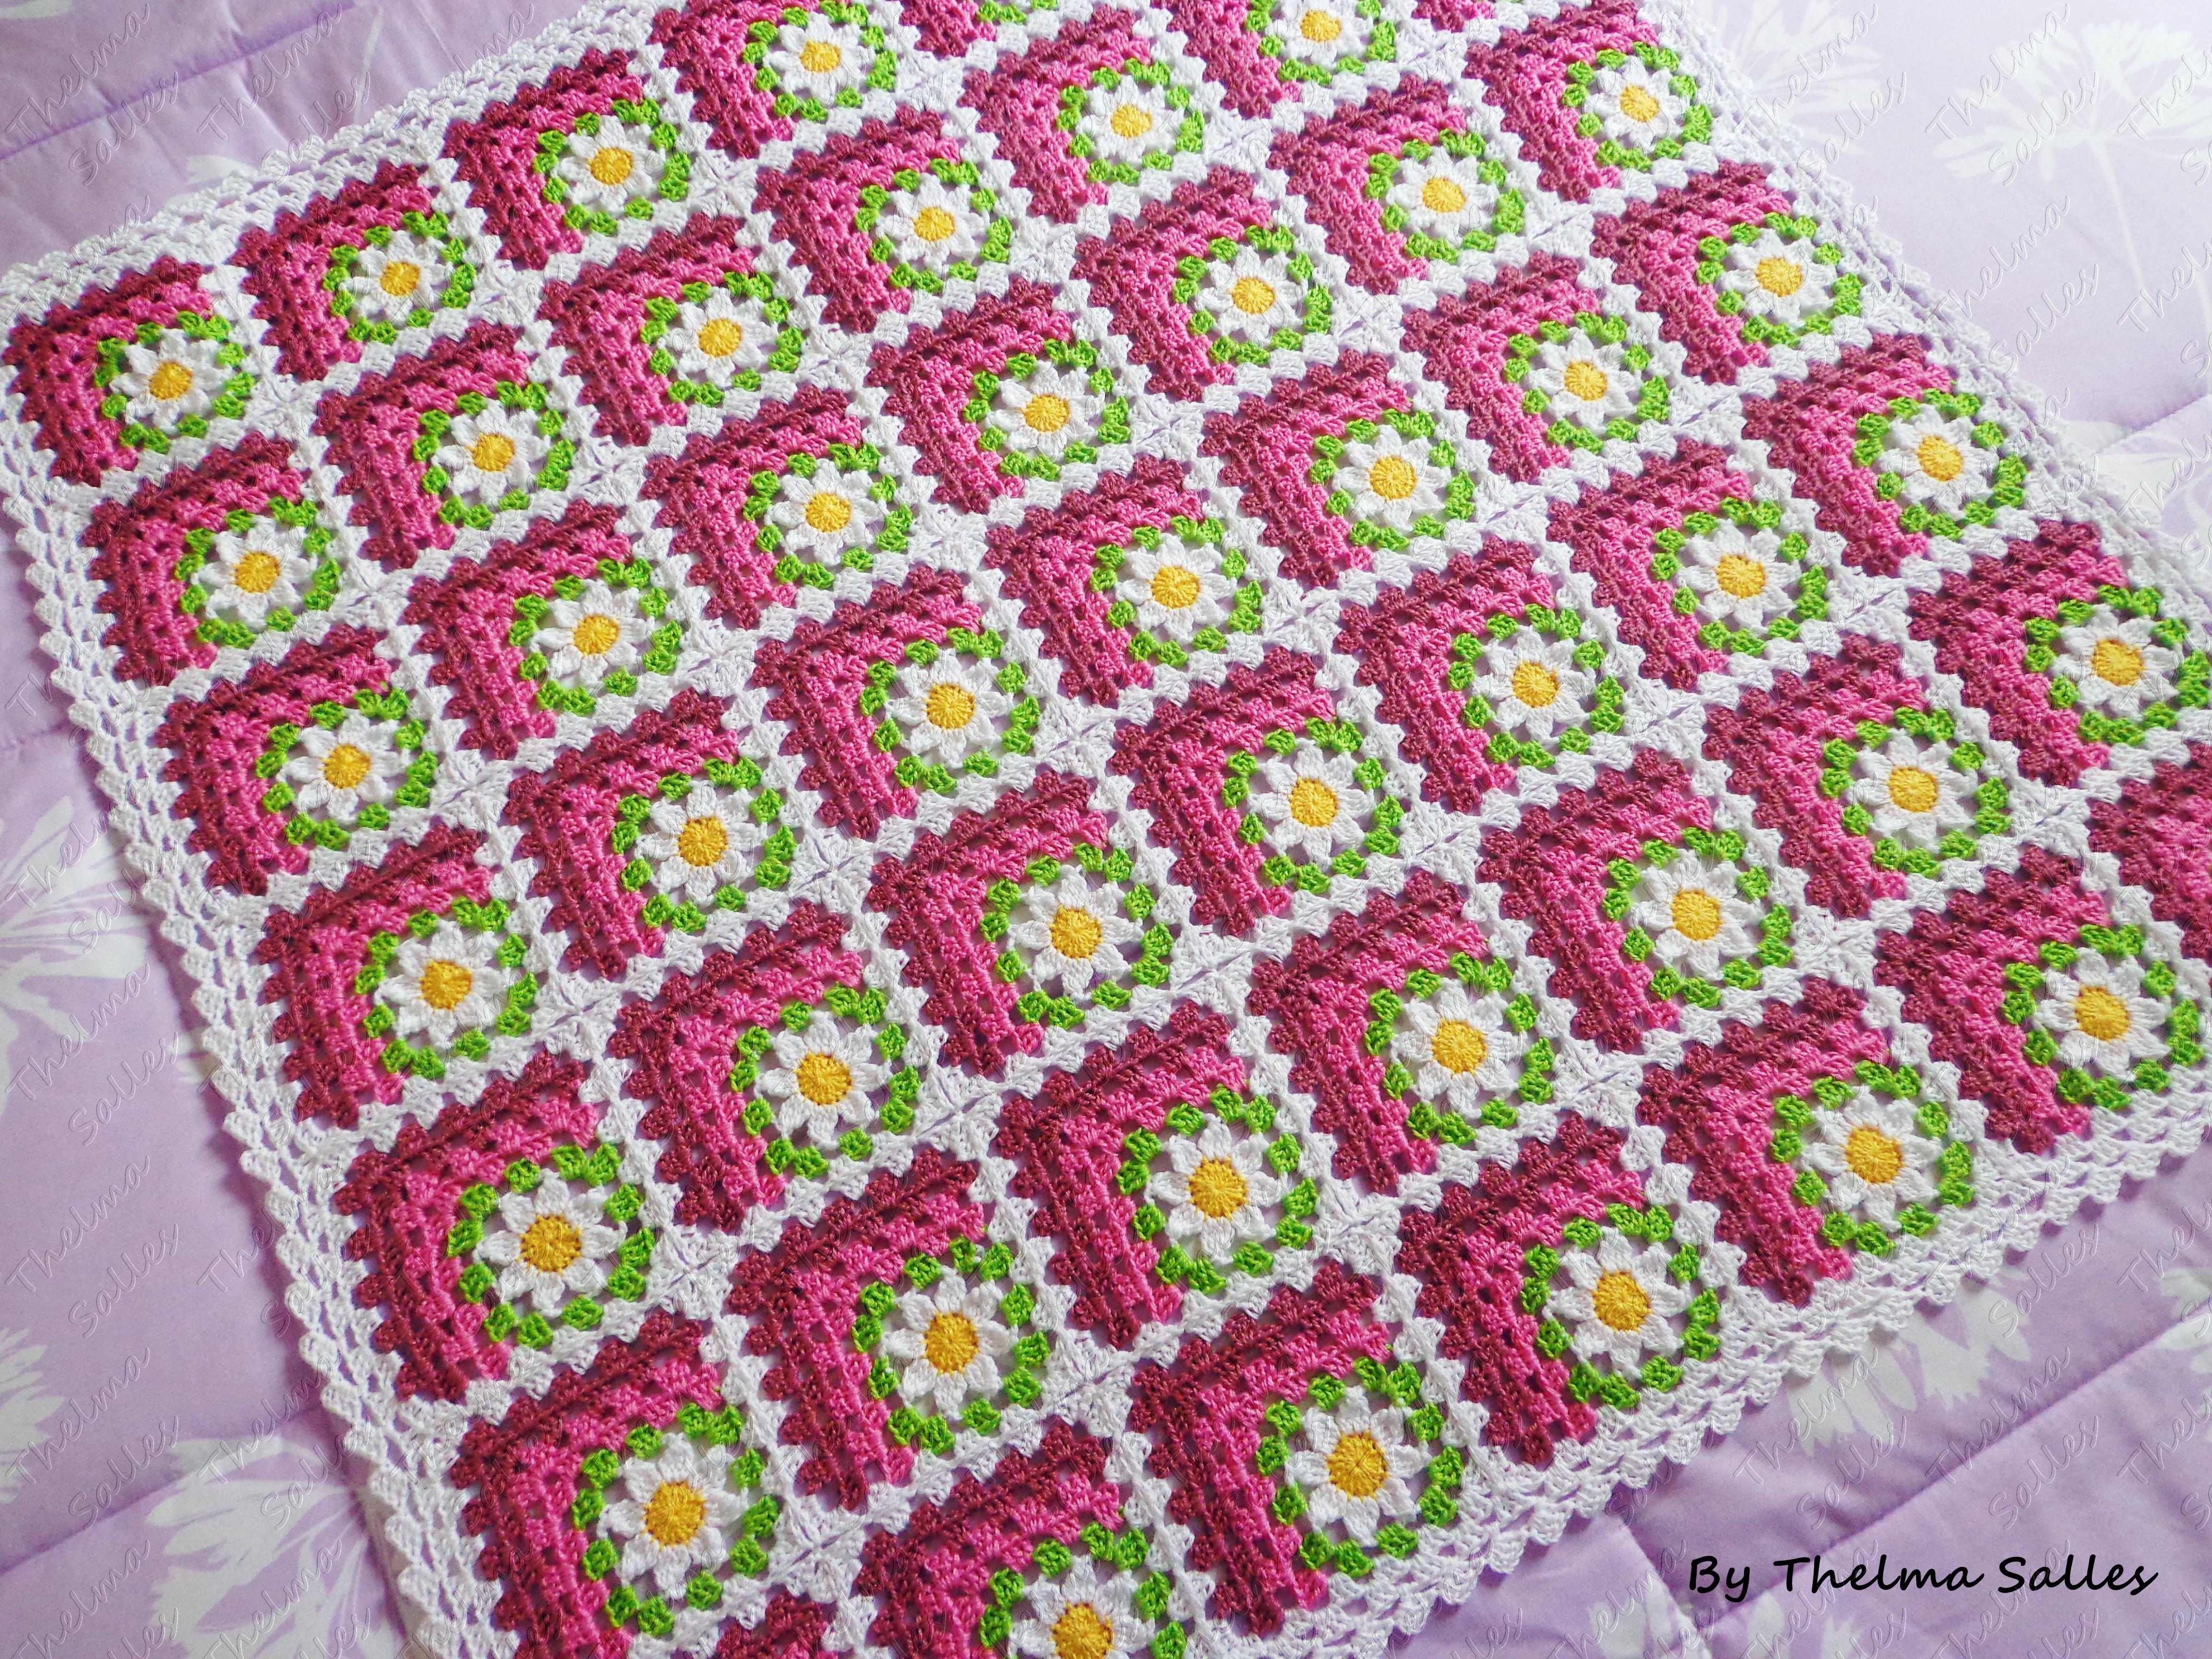 Manta de beb em croch thelma salles artesanatos elo7 - Mantas a crochet ...